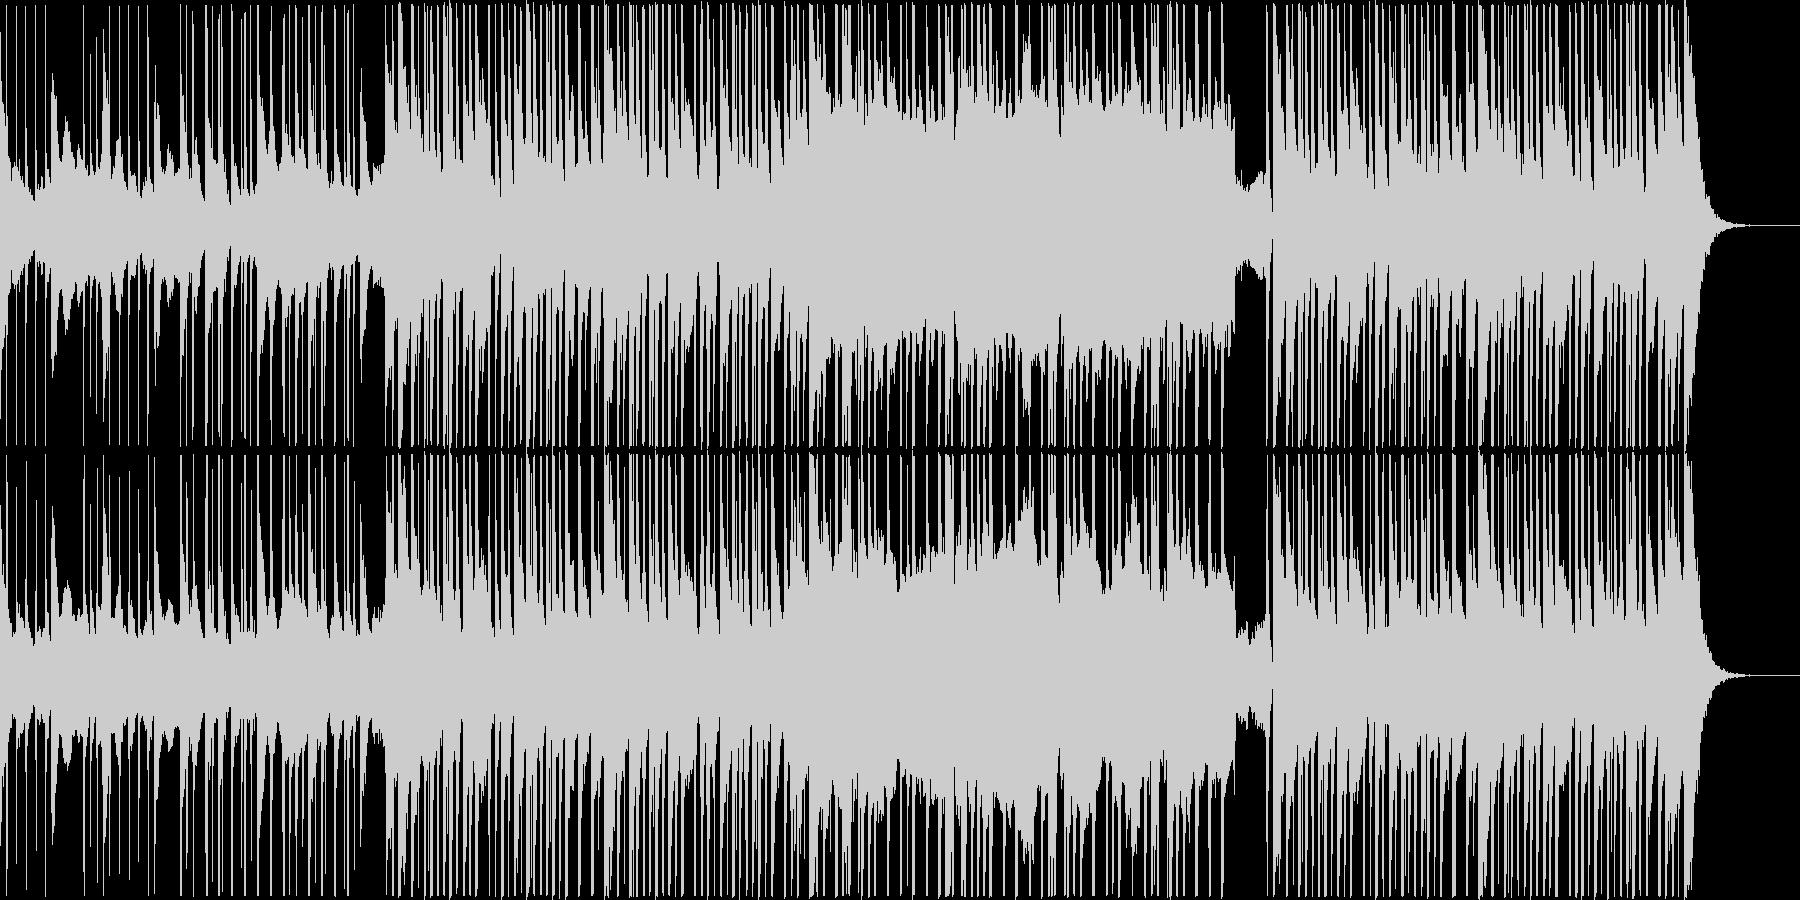 ダンジョンを勇敢に進むエレクトロの未再生の波形